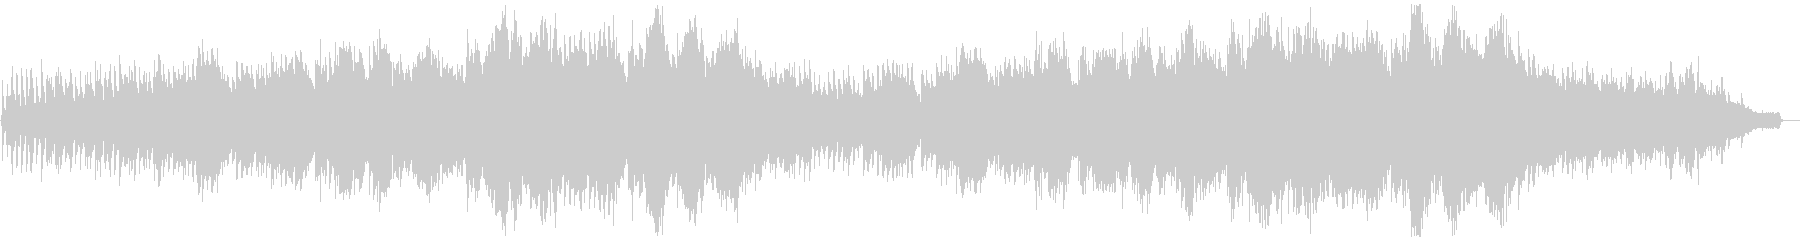 幻想的なカッチーニのアヴェ・マリアの未再生の波形